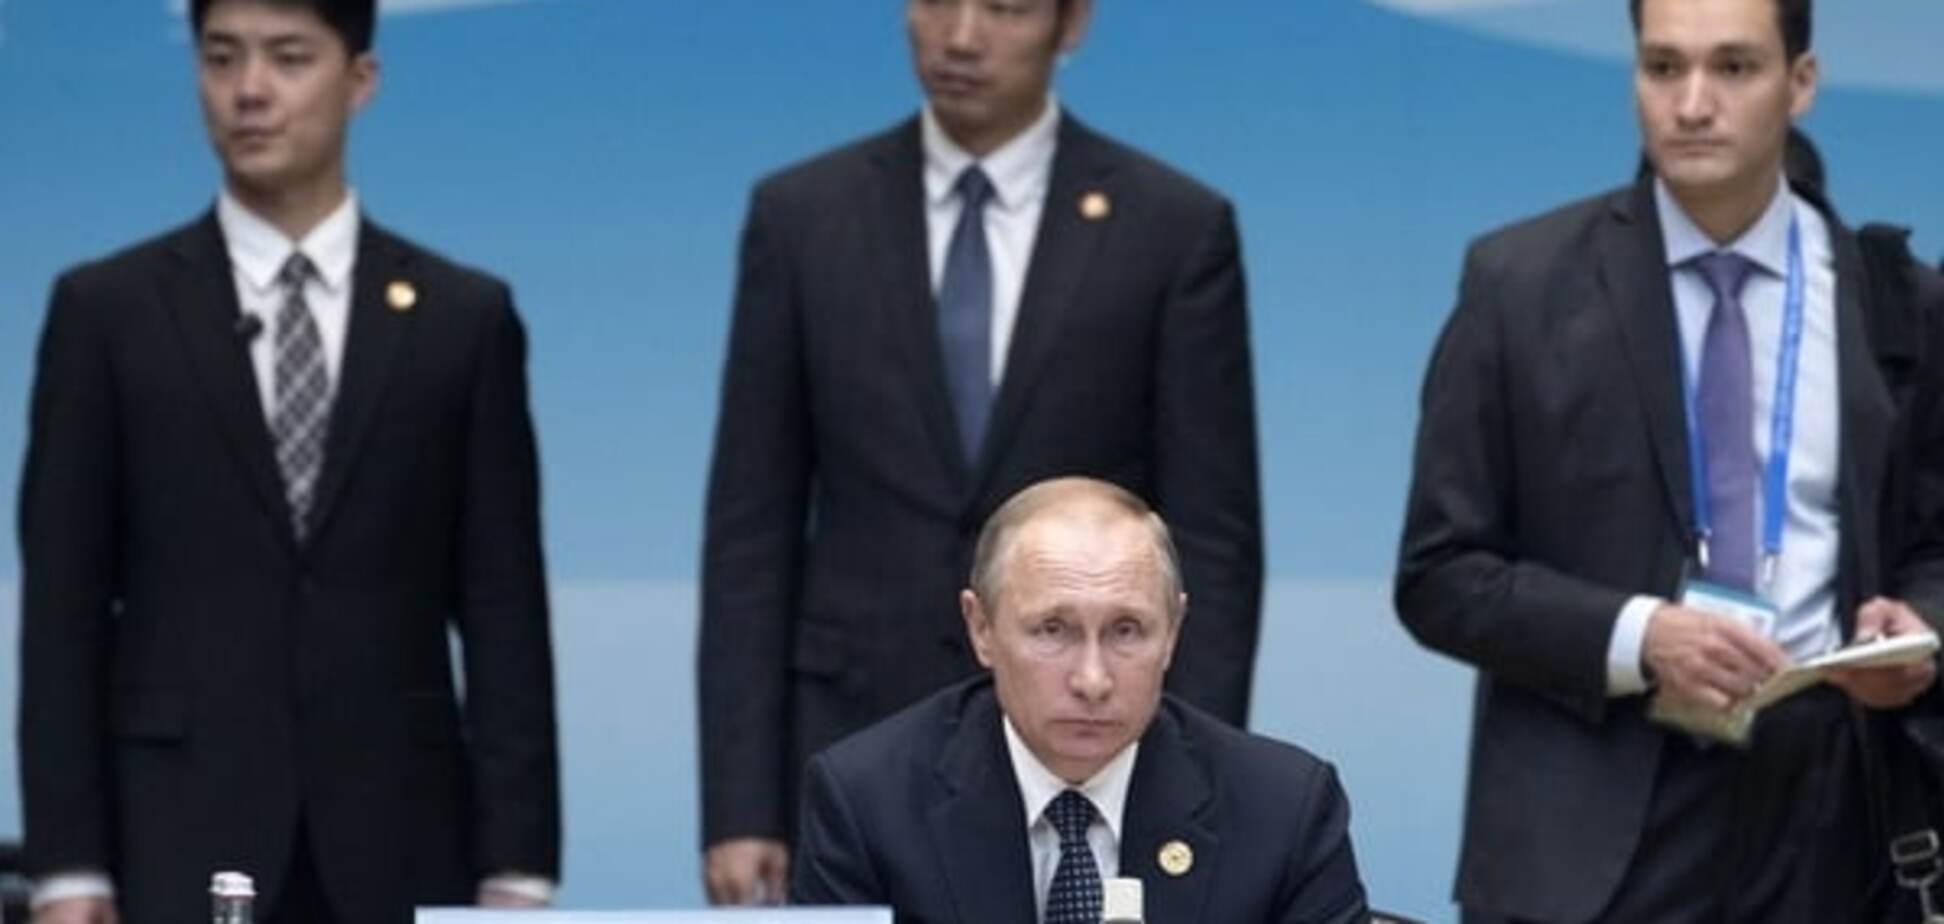 Остаточно прозріти: Огризко закликав Захід до жорсткої розмови з Кремлем